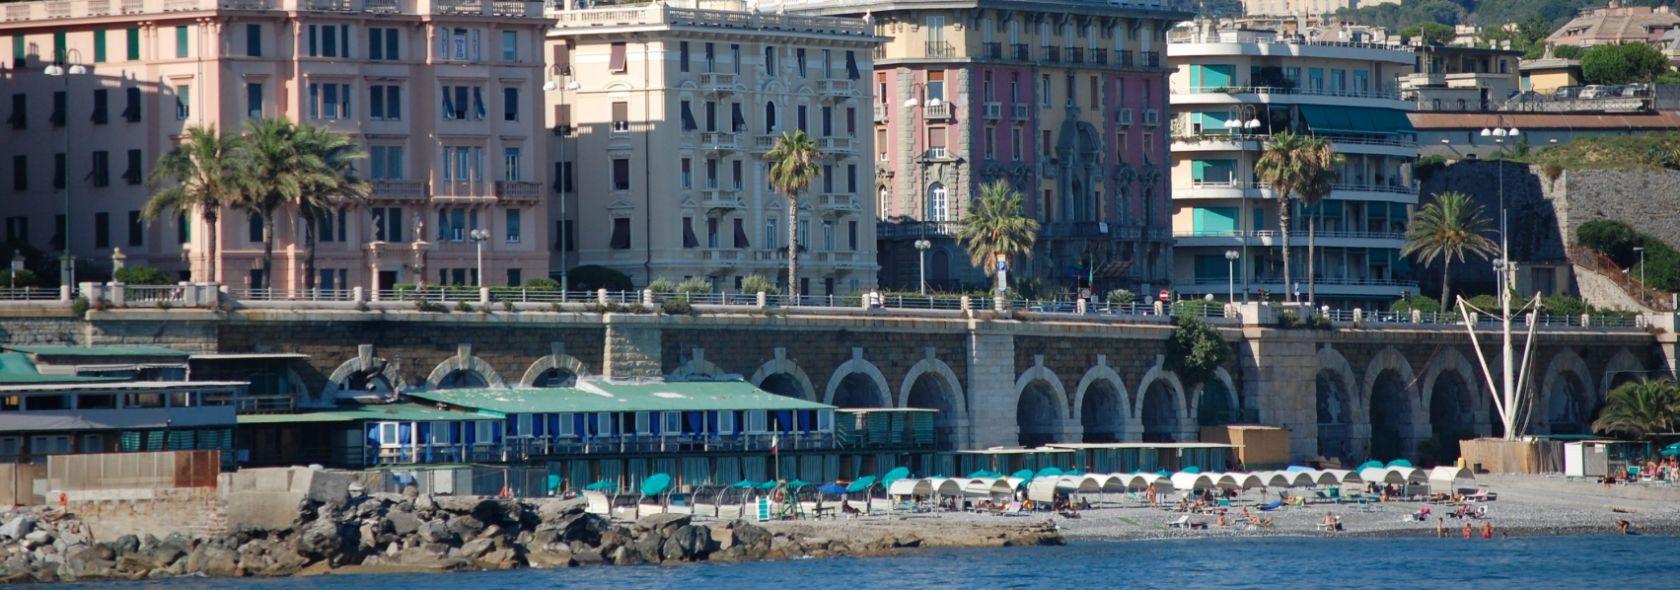 El mar y las playas: Corso Italia